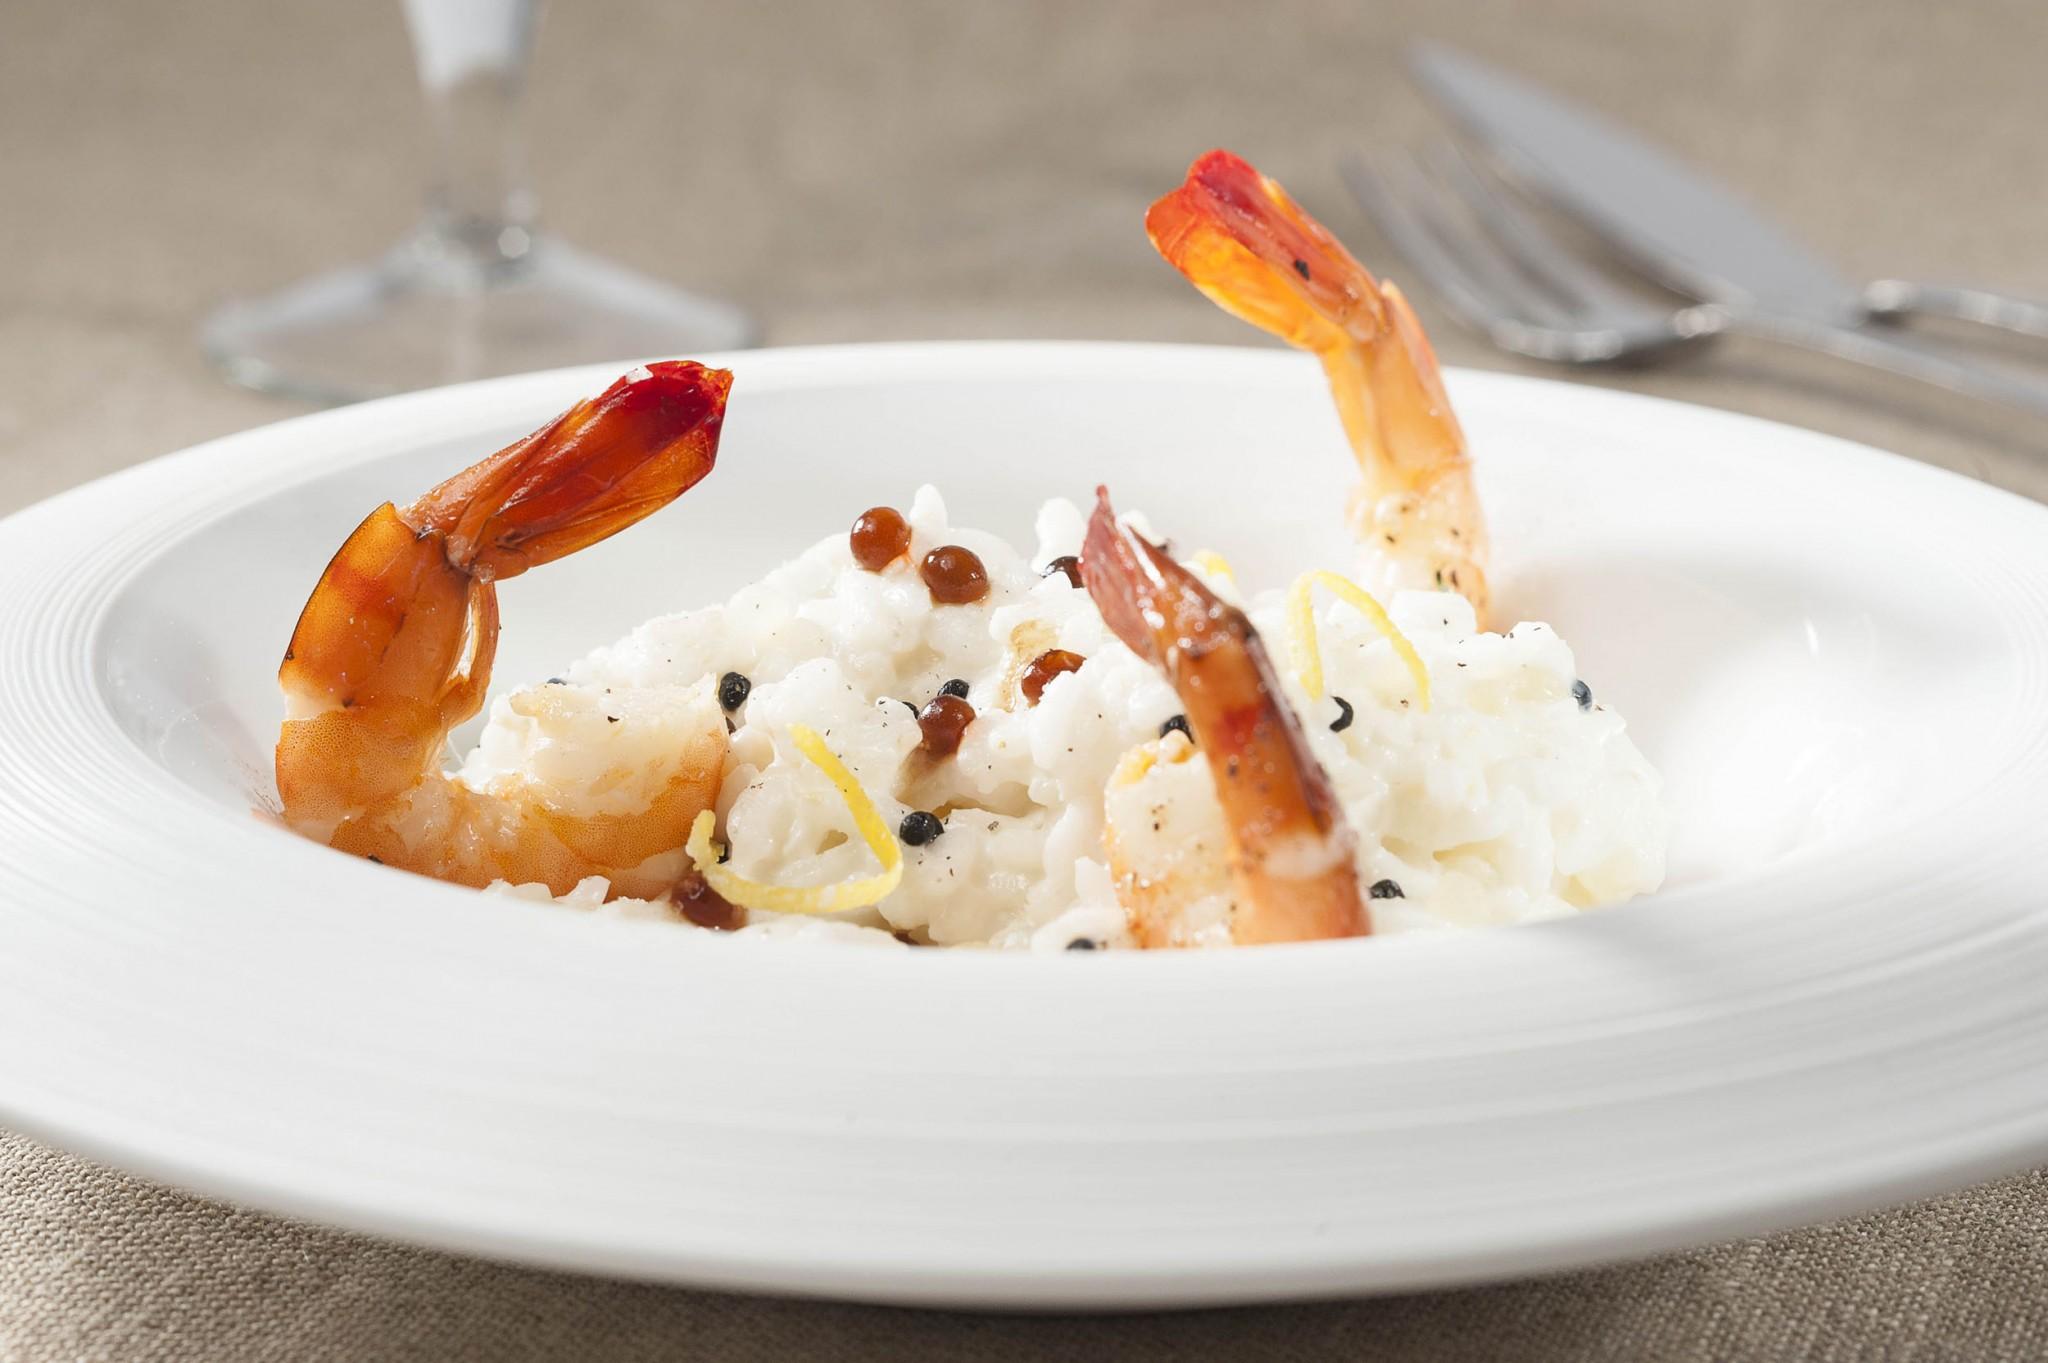 photographie culinaire, crevette et rizotto